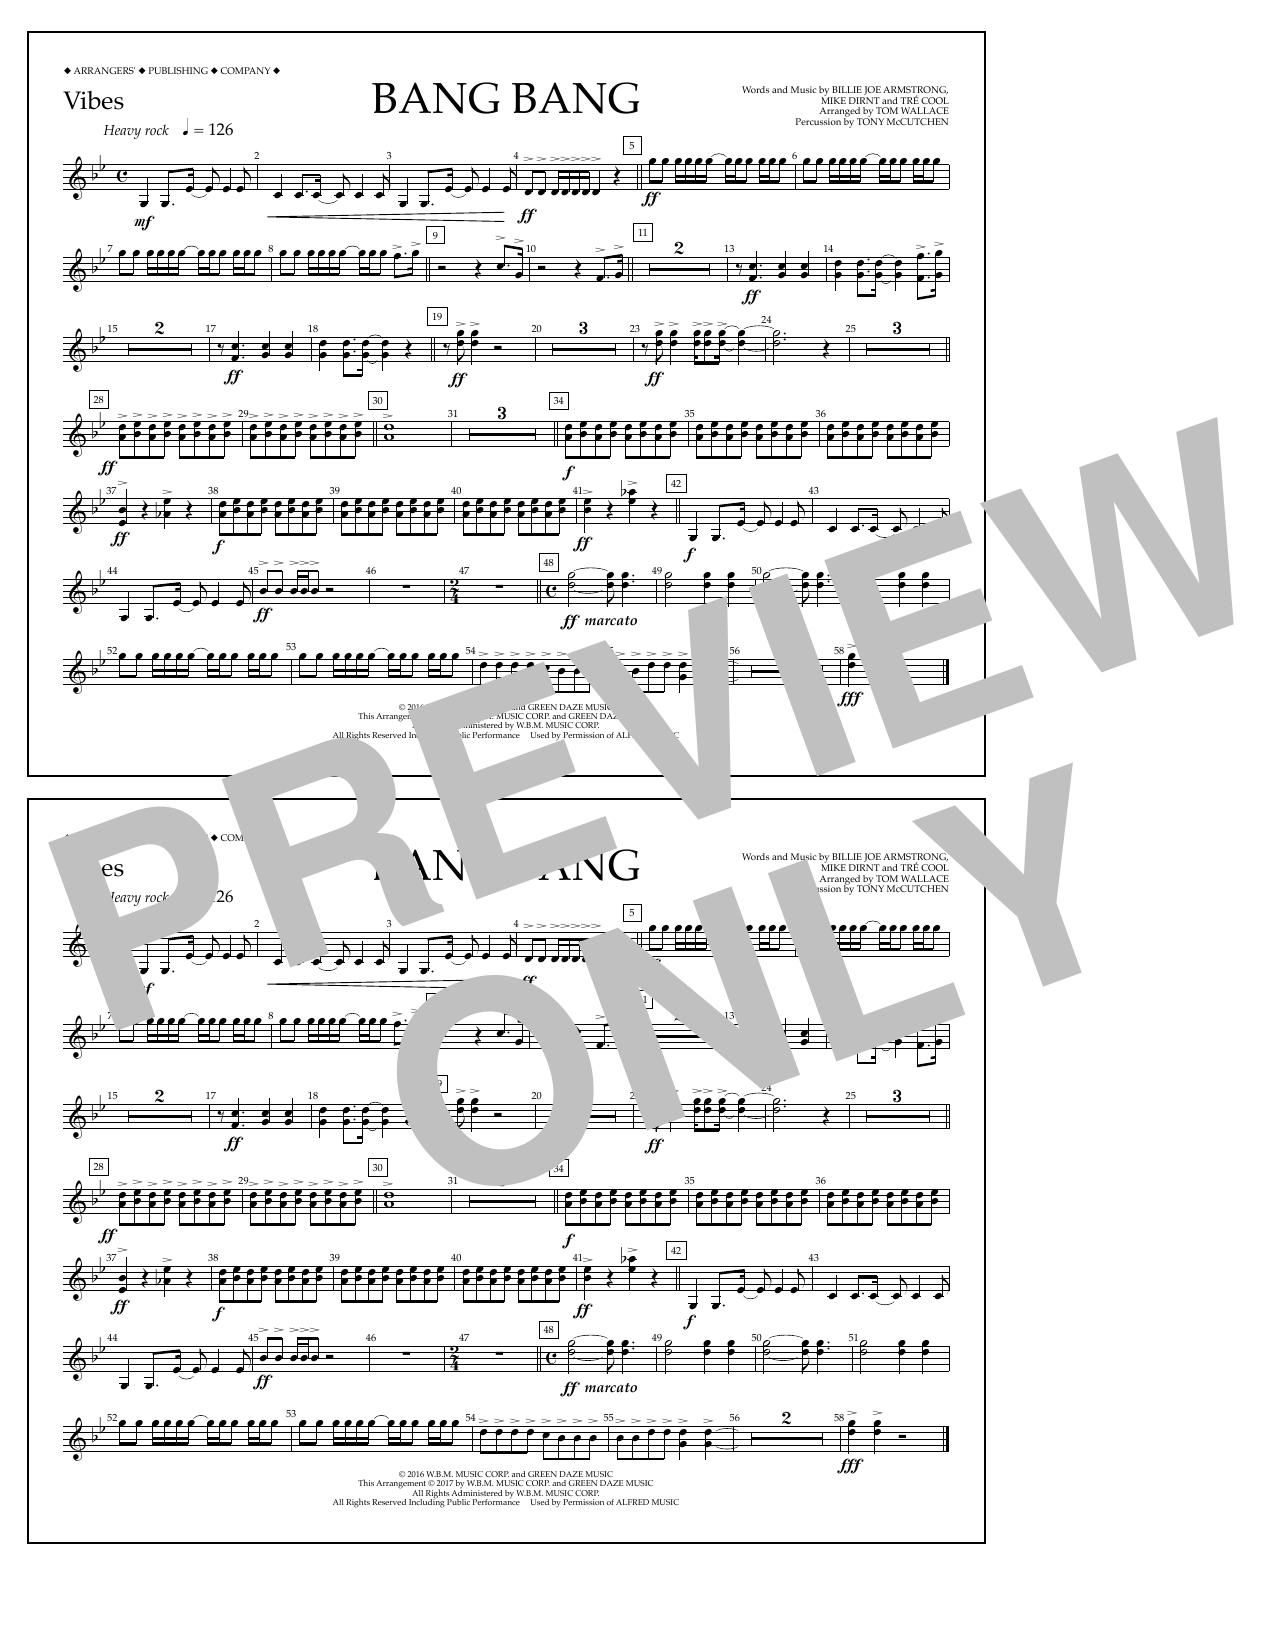 Bang Bang - Vibes Sheet Music